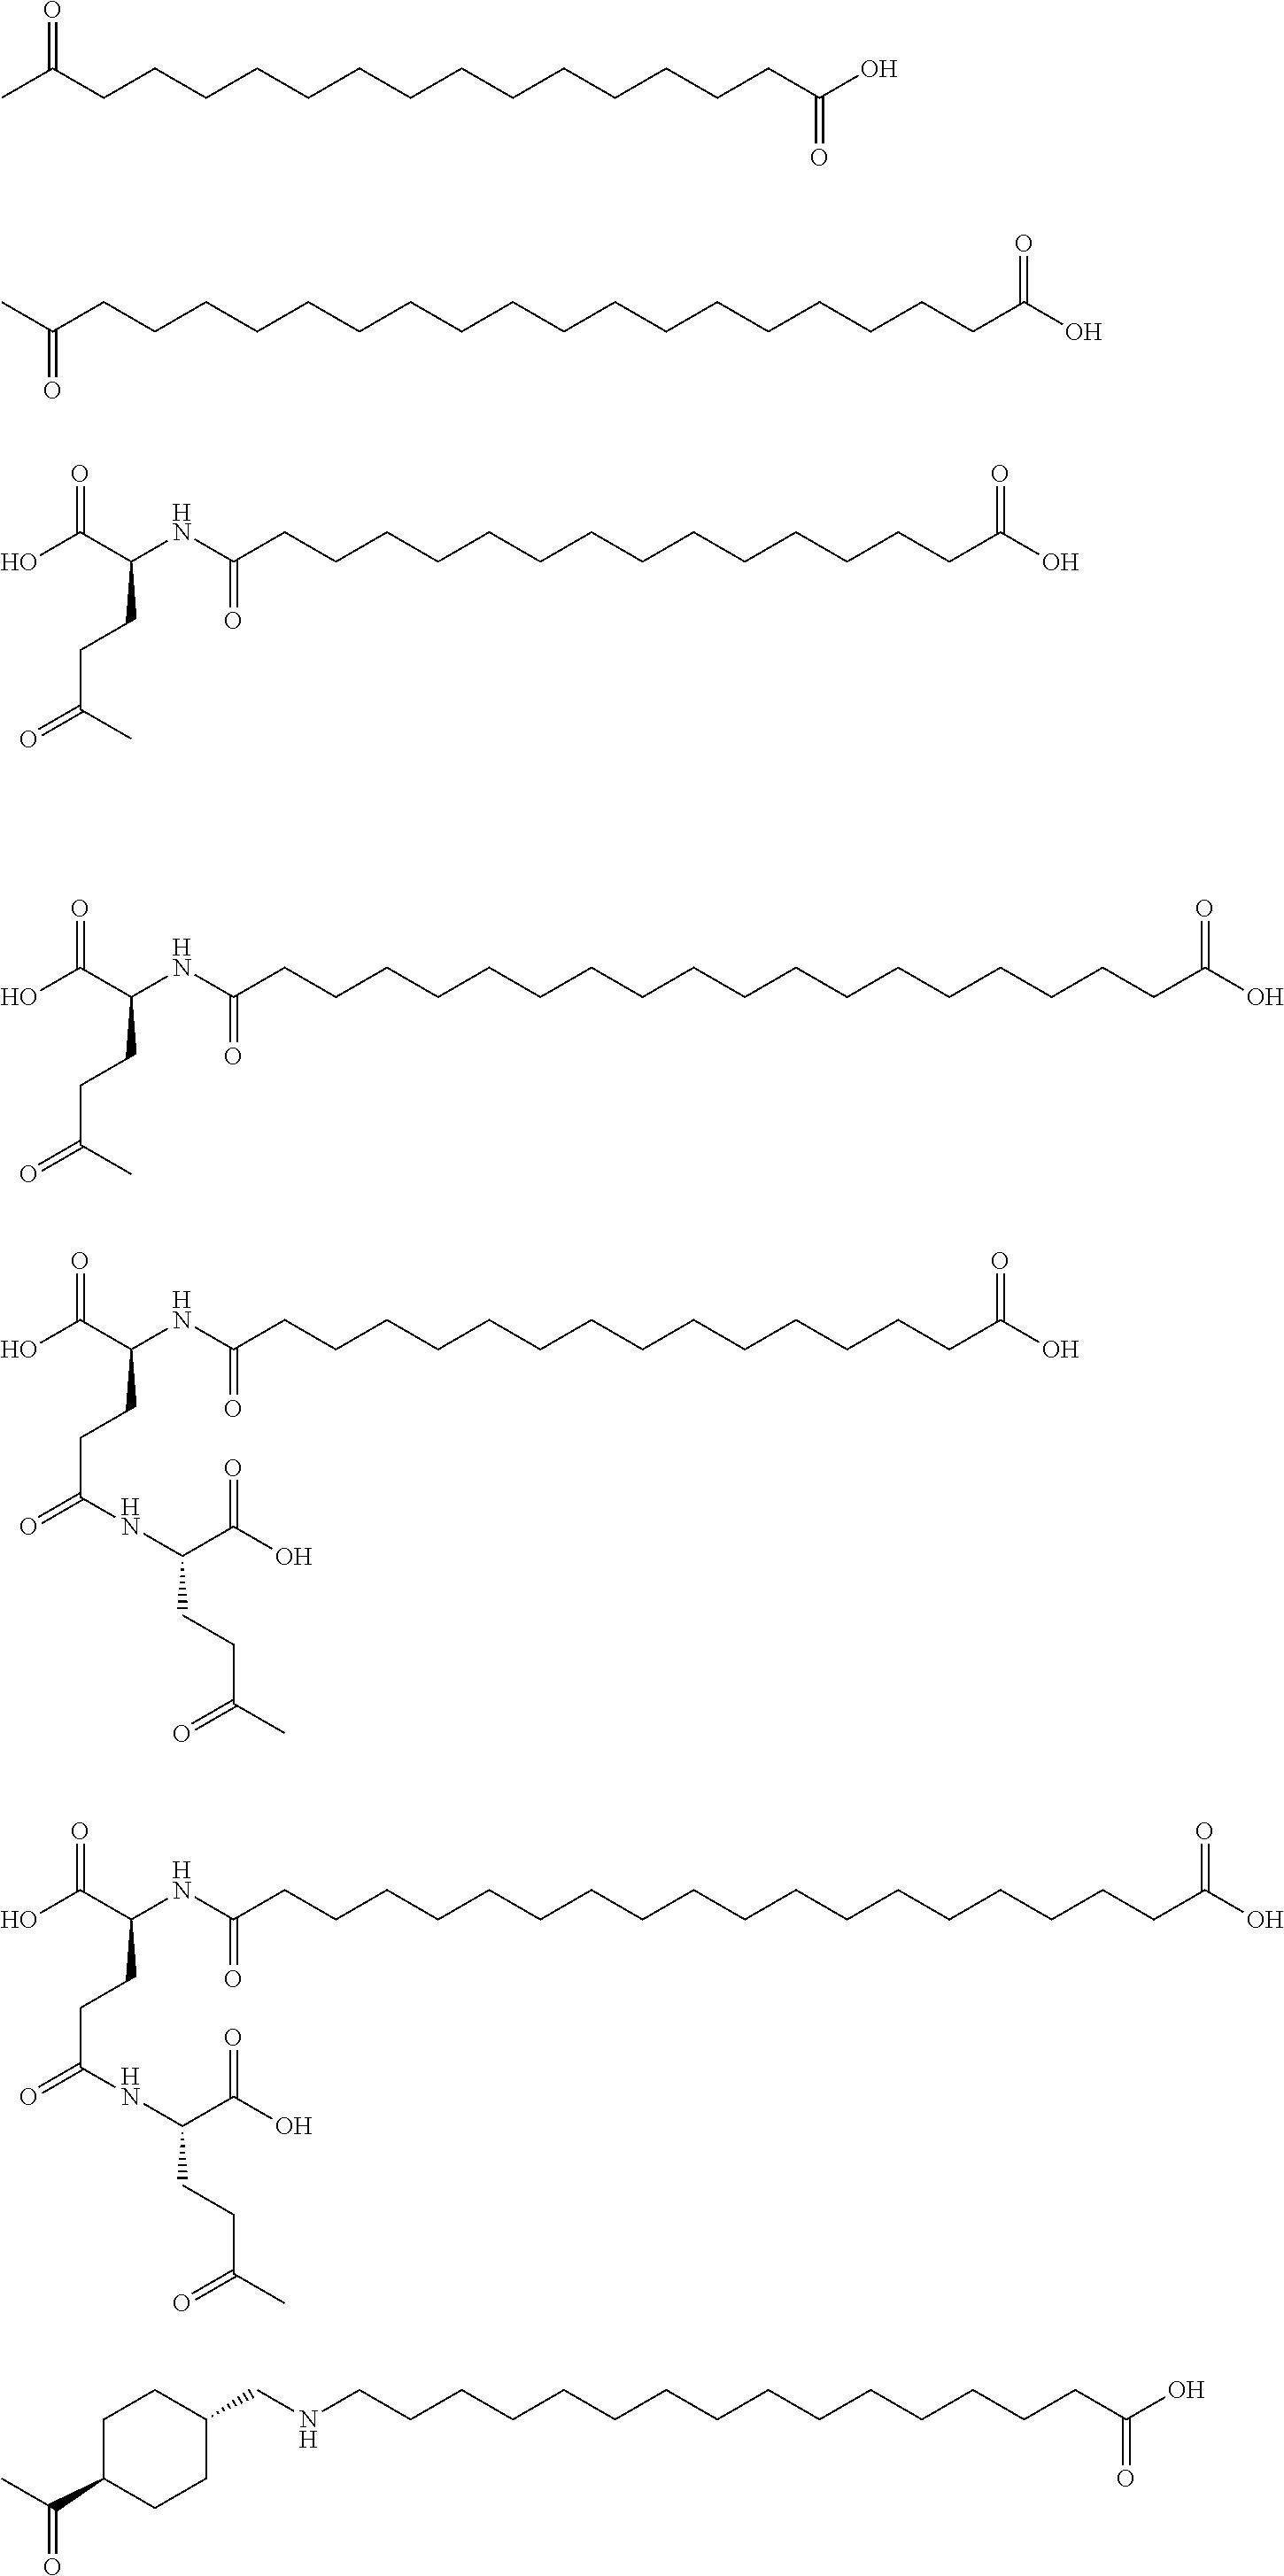 Figure US20180000742A1-20180104-C00005